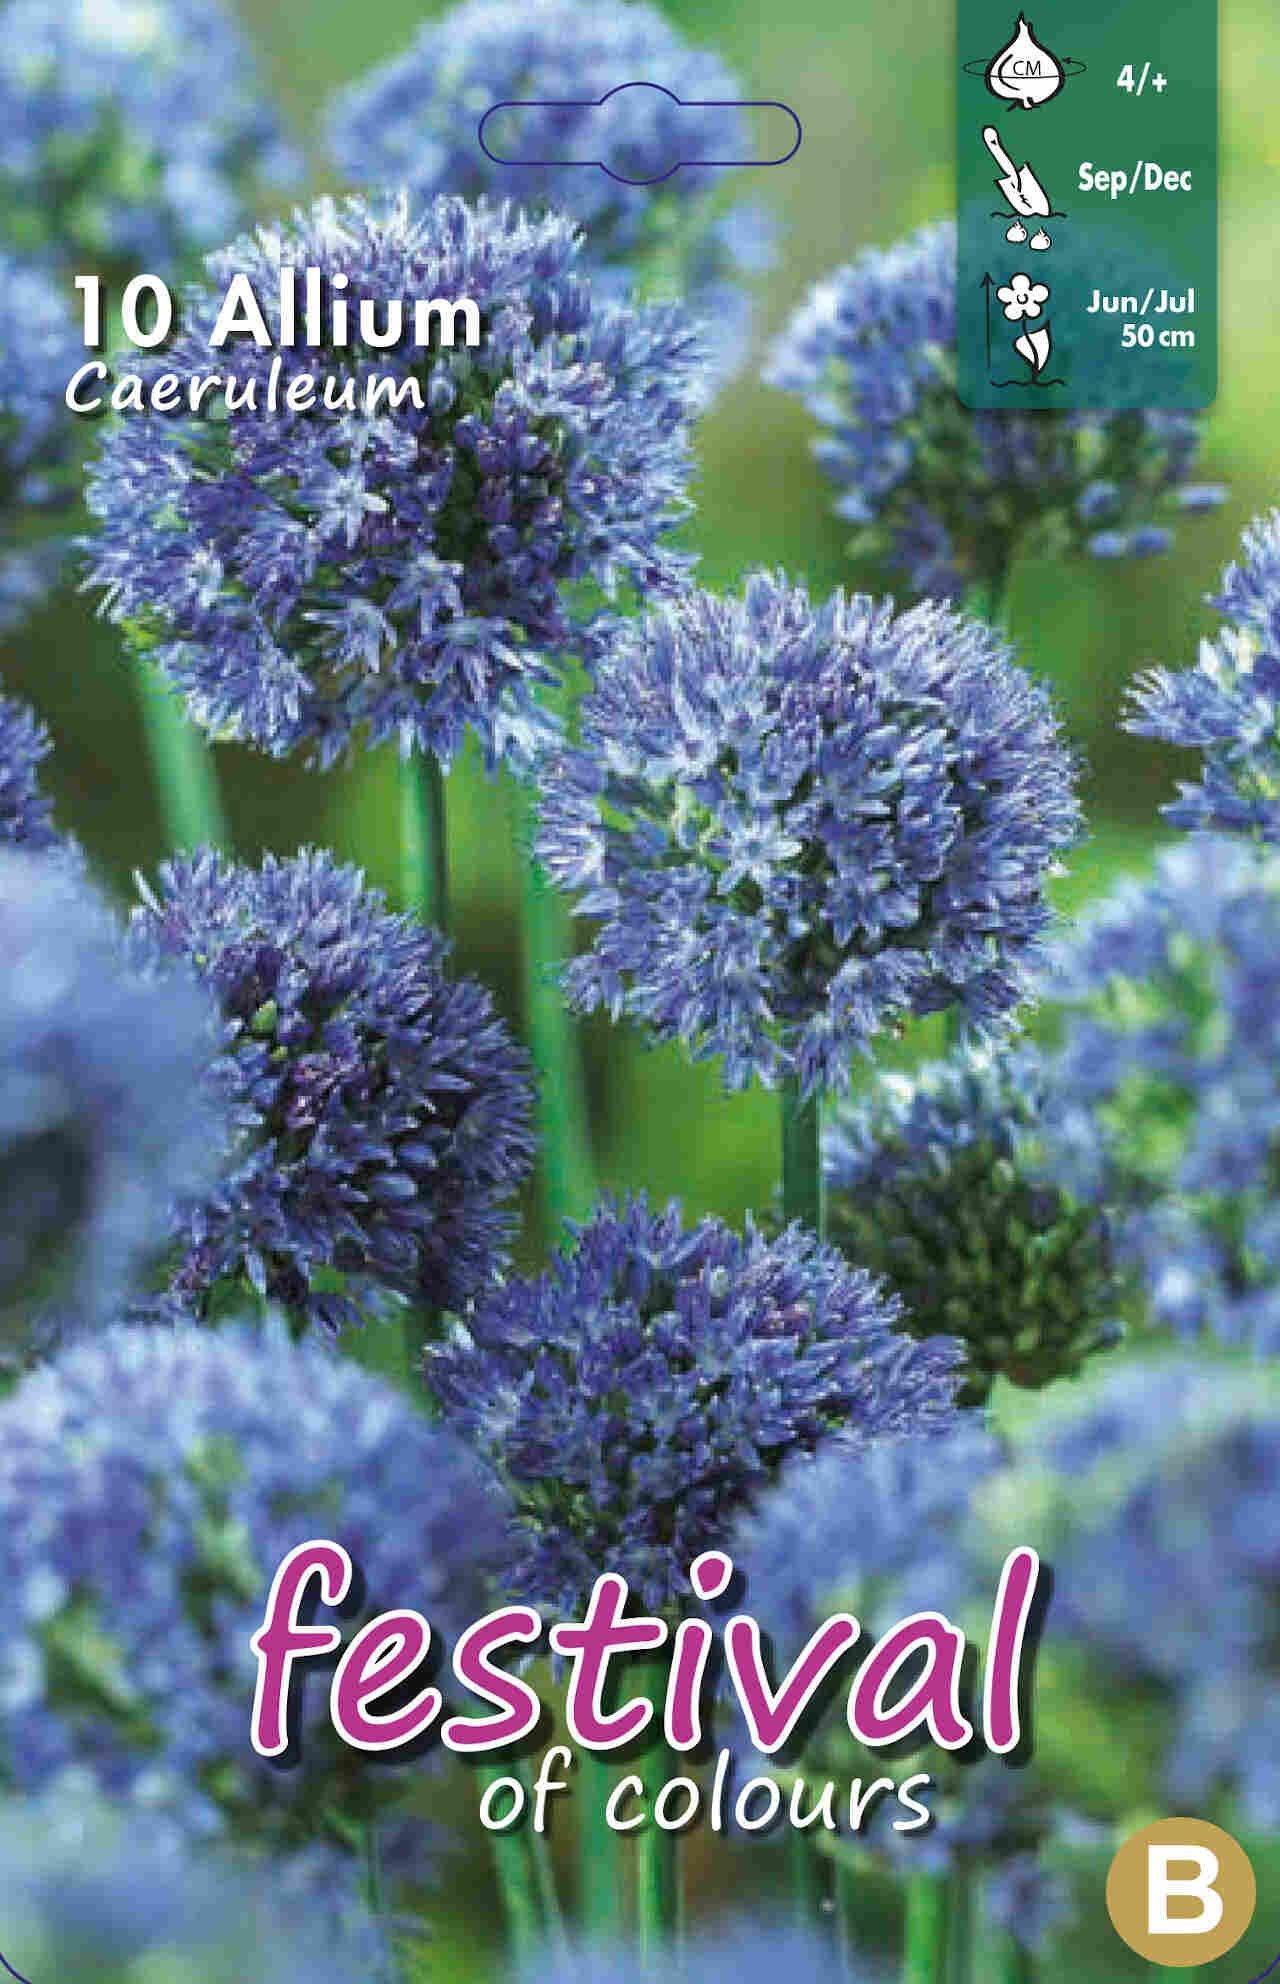 Prydløg - Allium Caeruleum 4/+